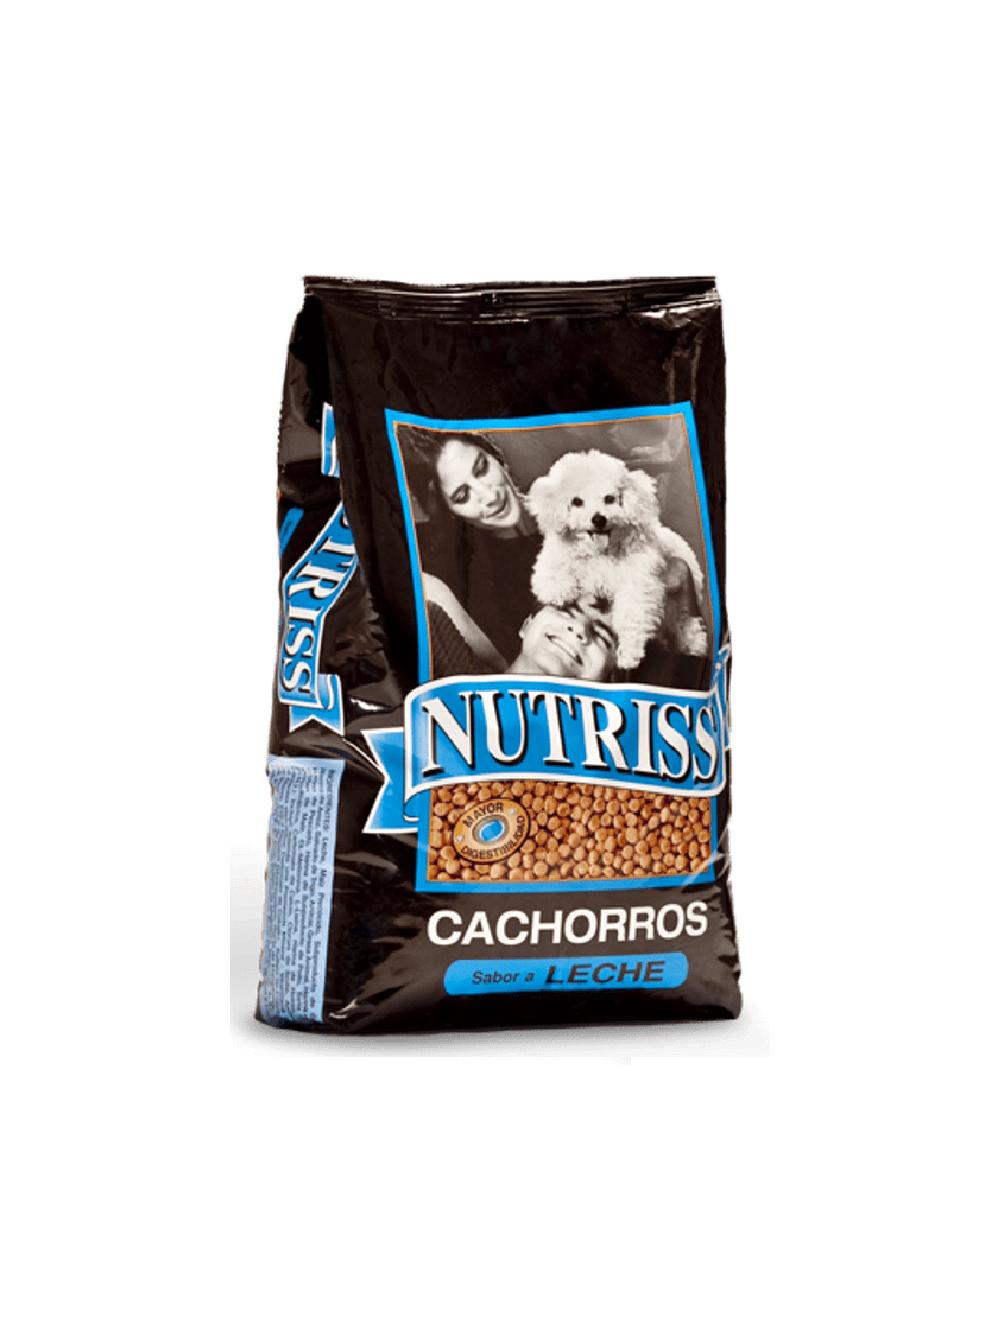 Comida para perro Nutriss Cachorros Leche-Ciudaddemascotas.com